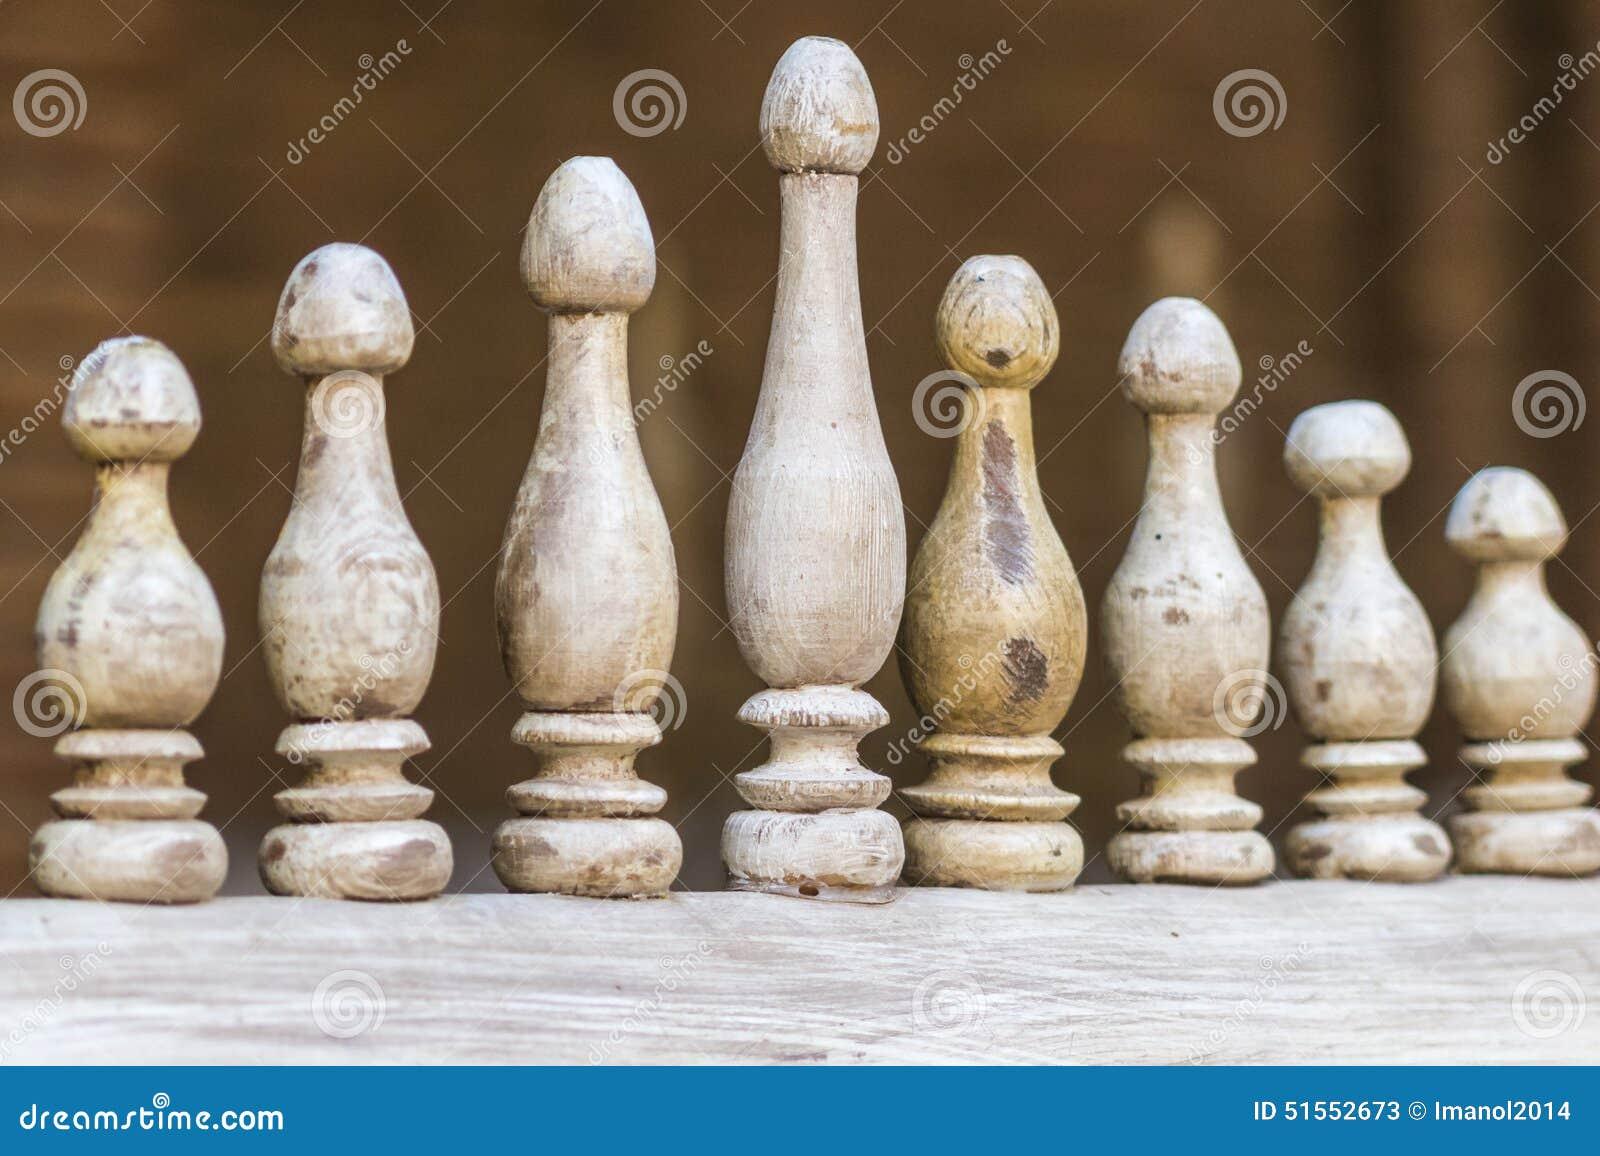 Décor En Bois Marocain Image Stock Image Du Ornement 51552673